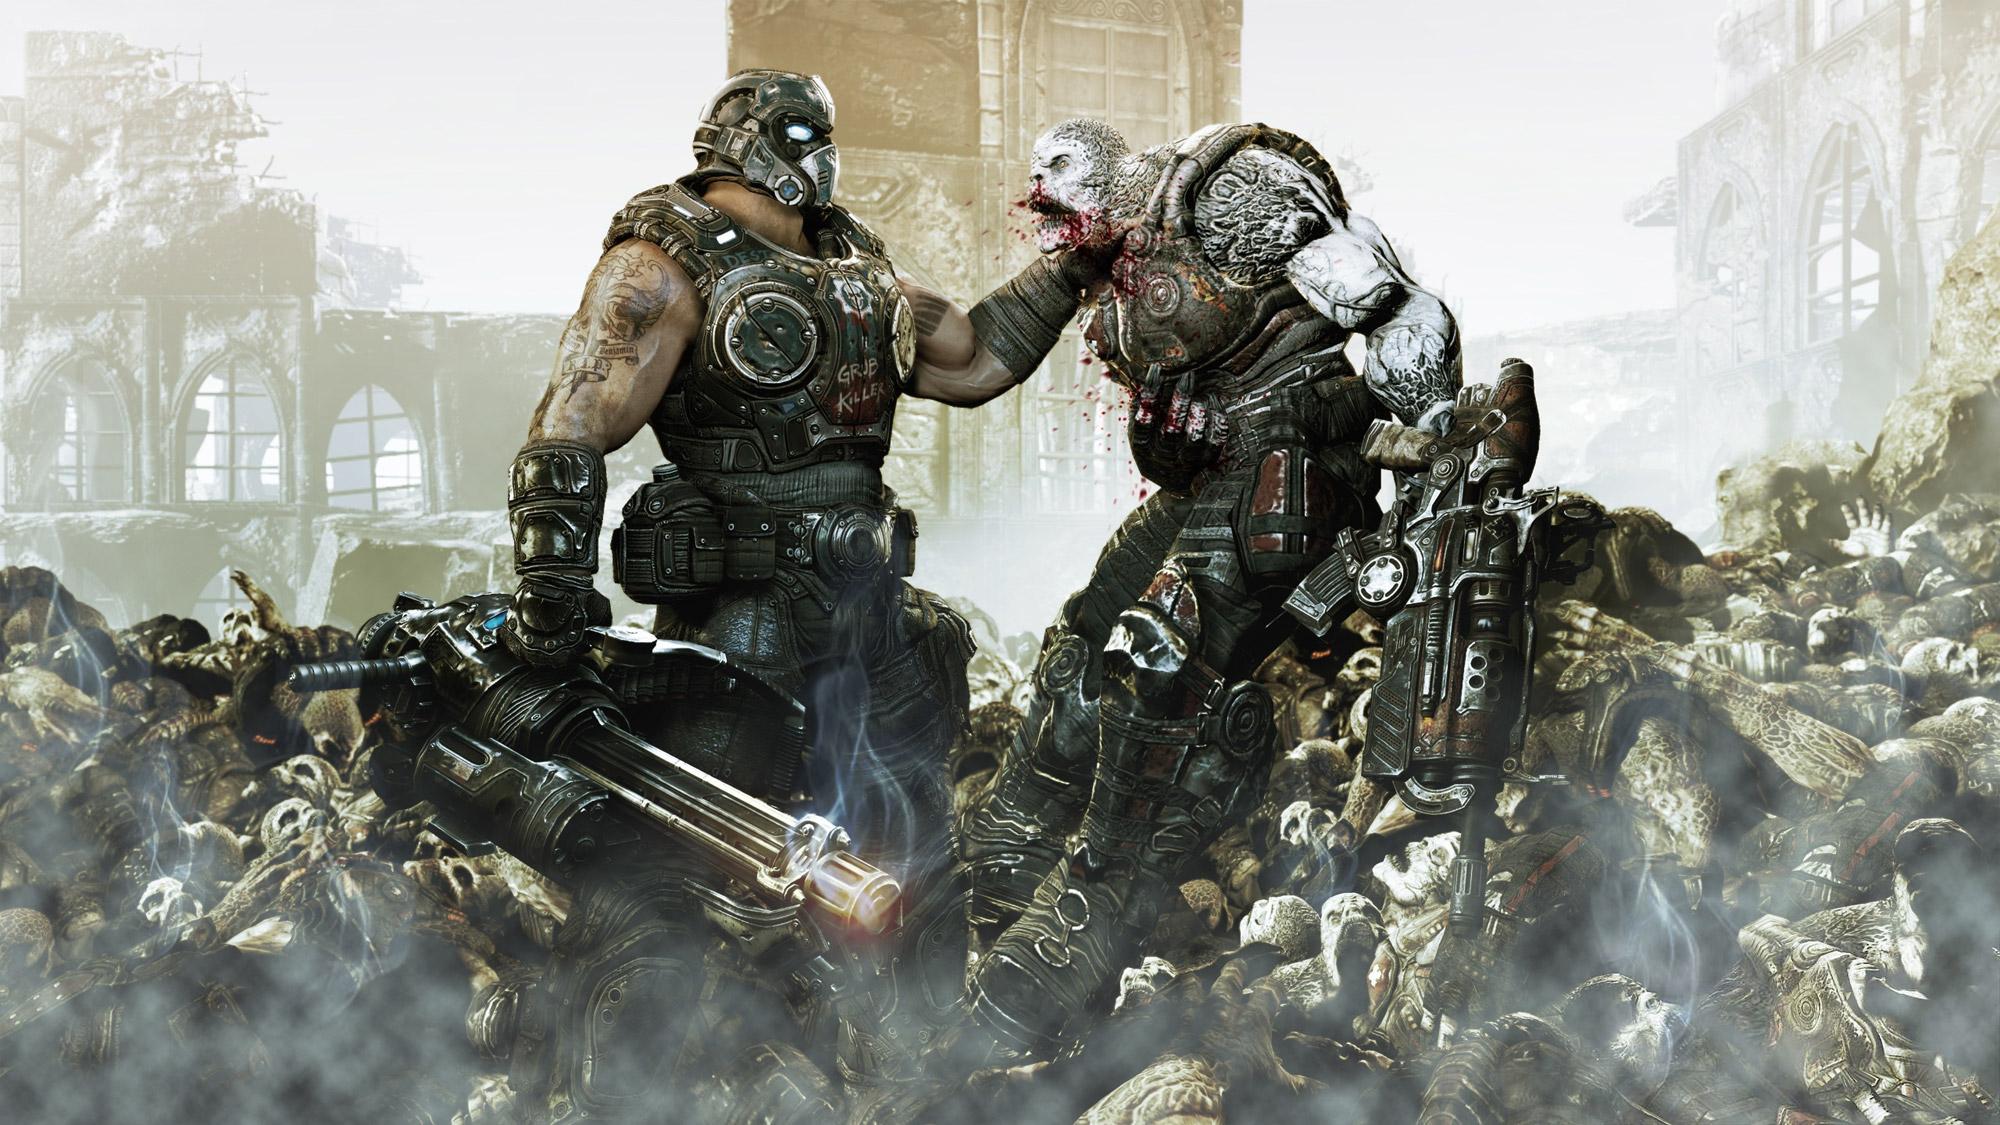 Såhär förbättras Xbox One-spel av Xbox Series X